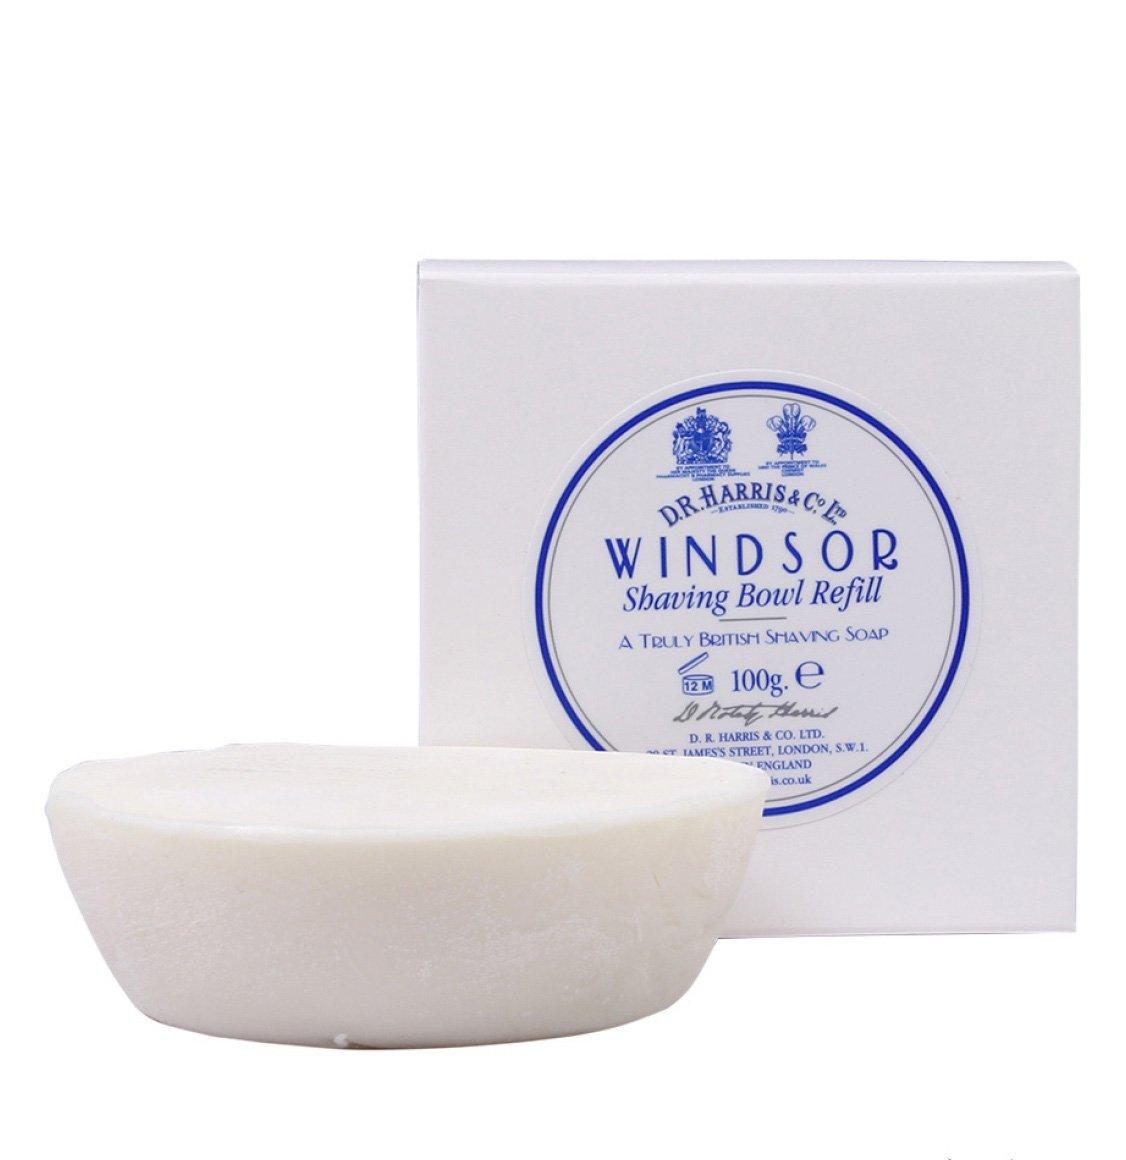 D R Harris Windsor Shaving Soap Refill 100g